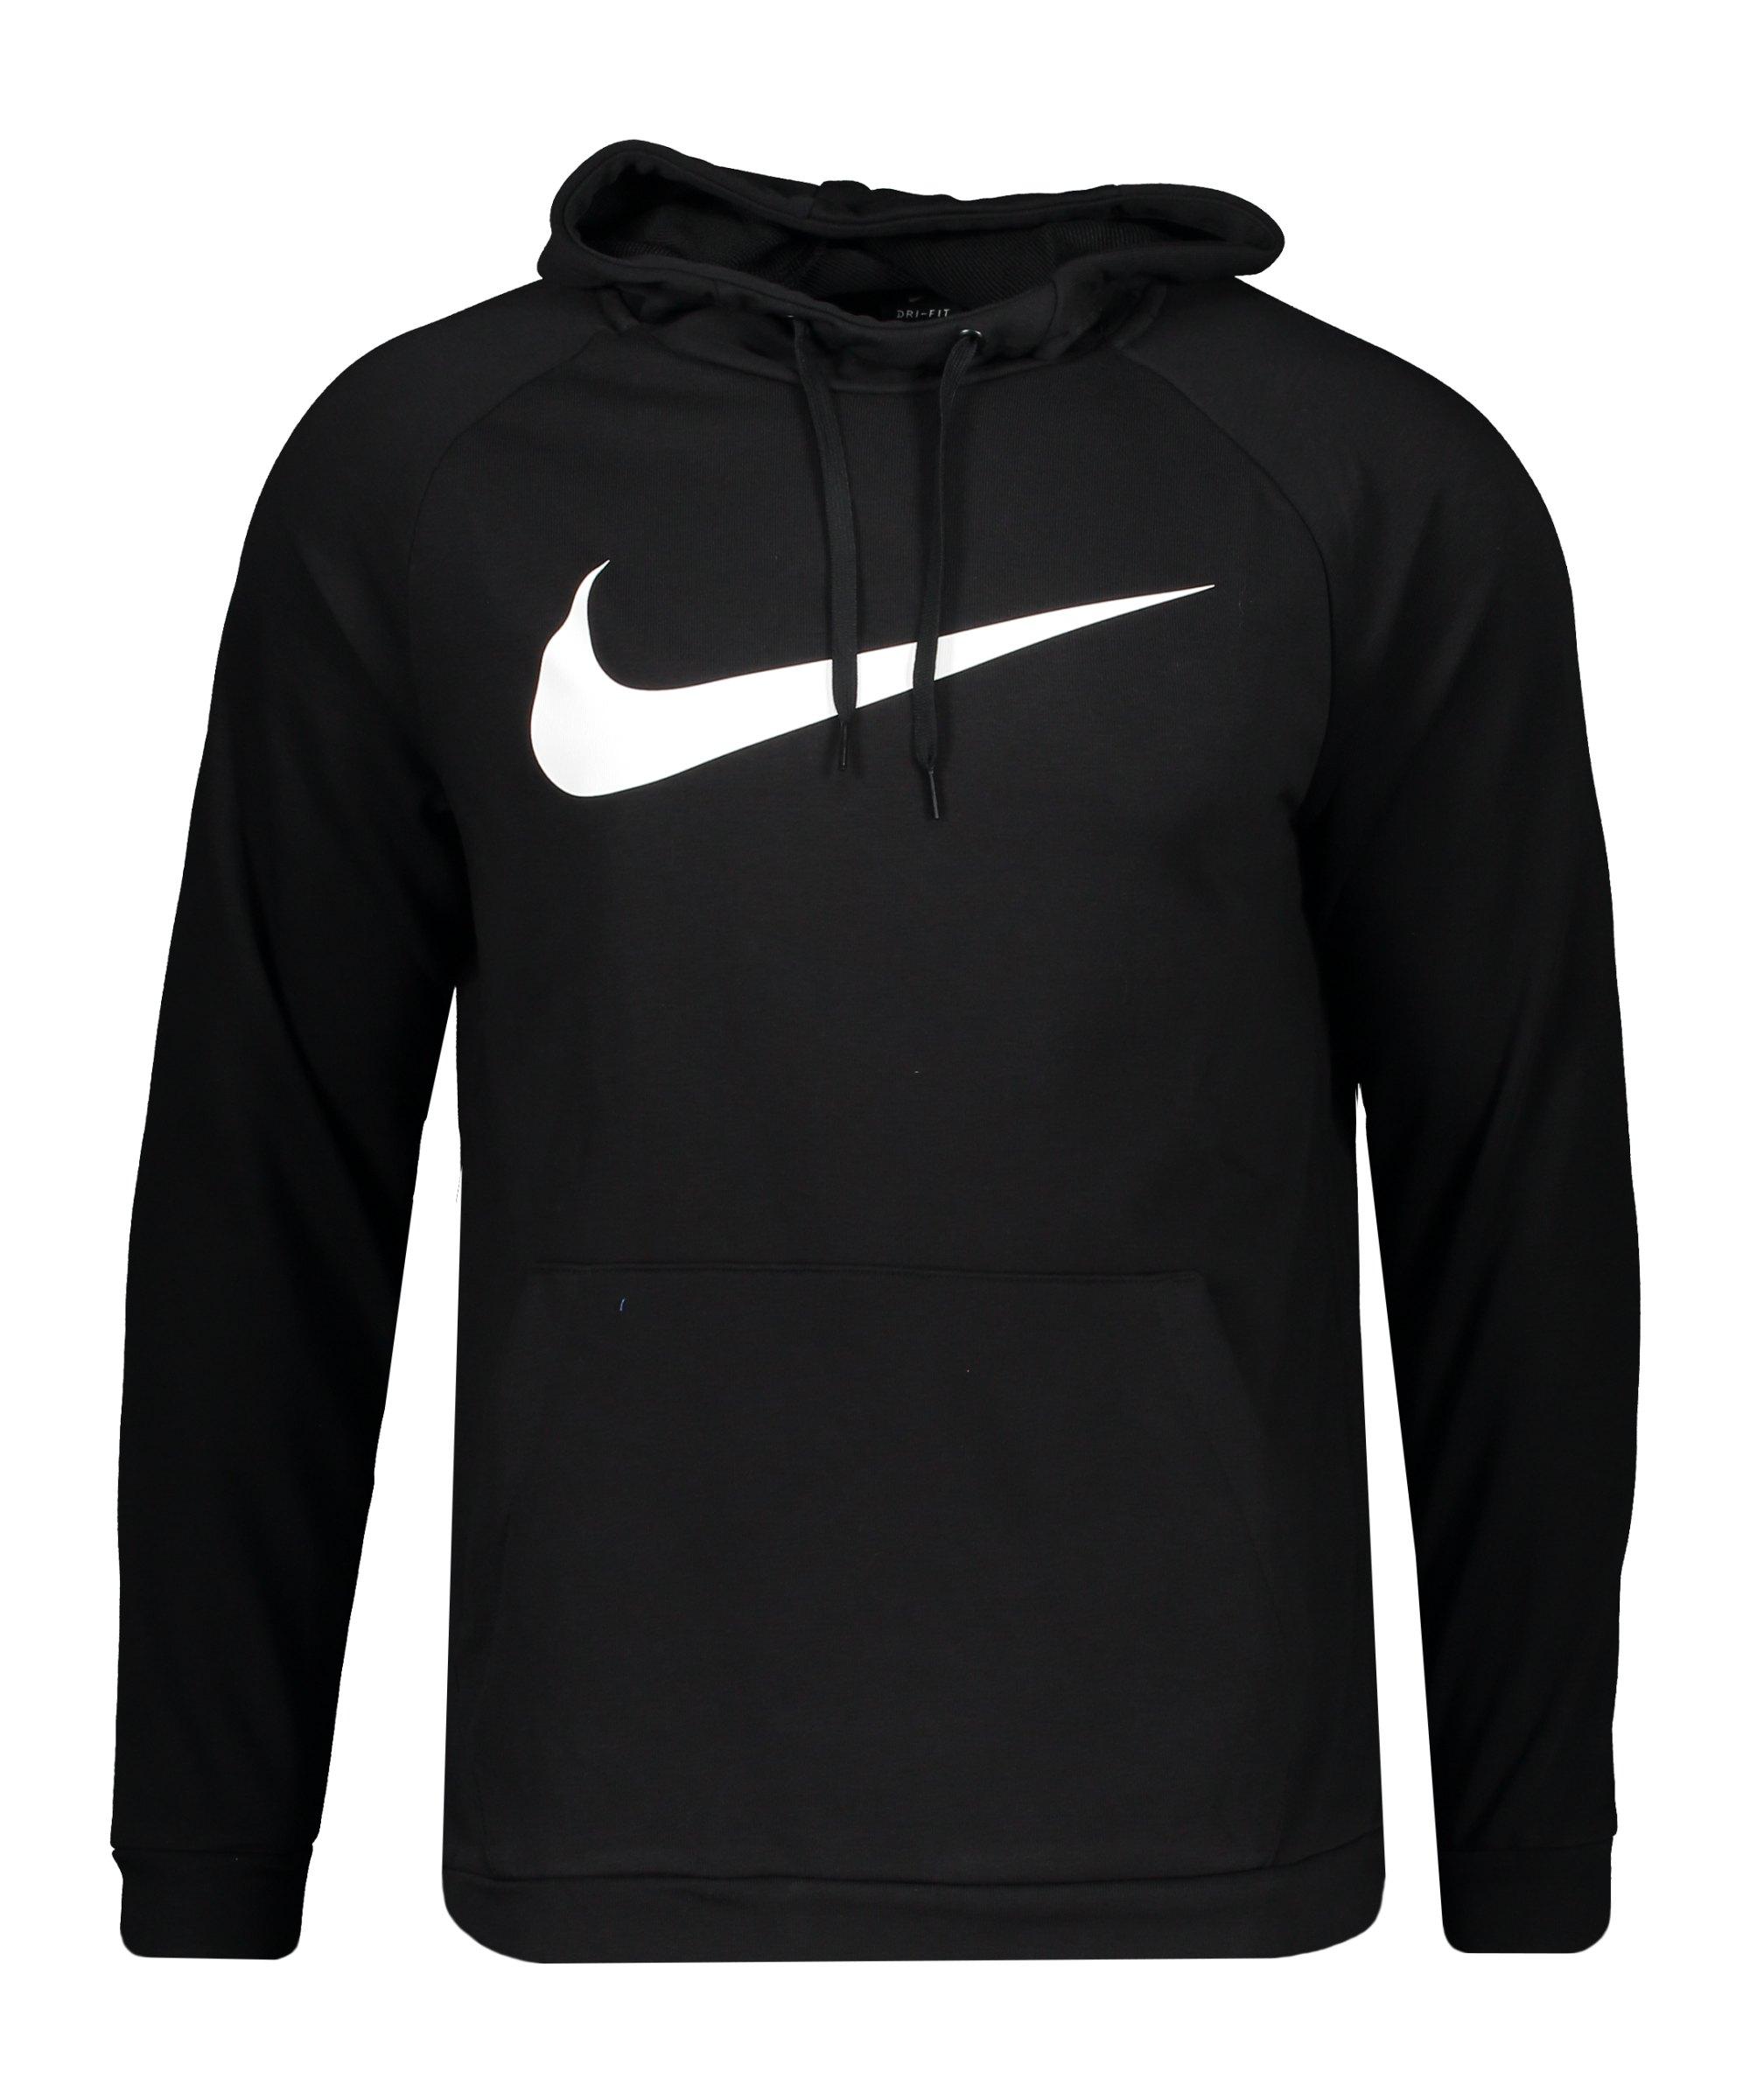 Nike Dir-FIT Swoosh Hoody Schwarz Weiss F010 - schwarz